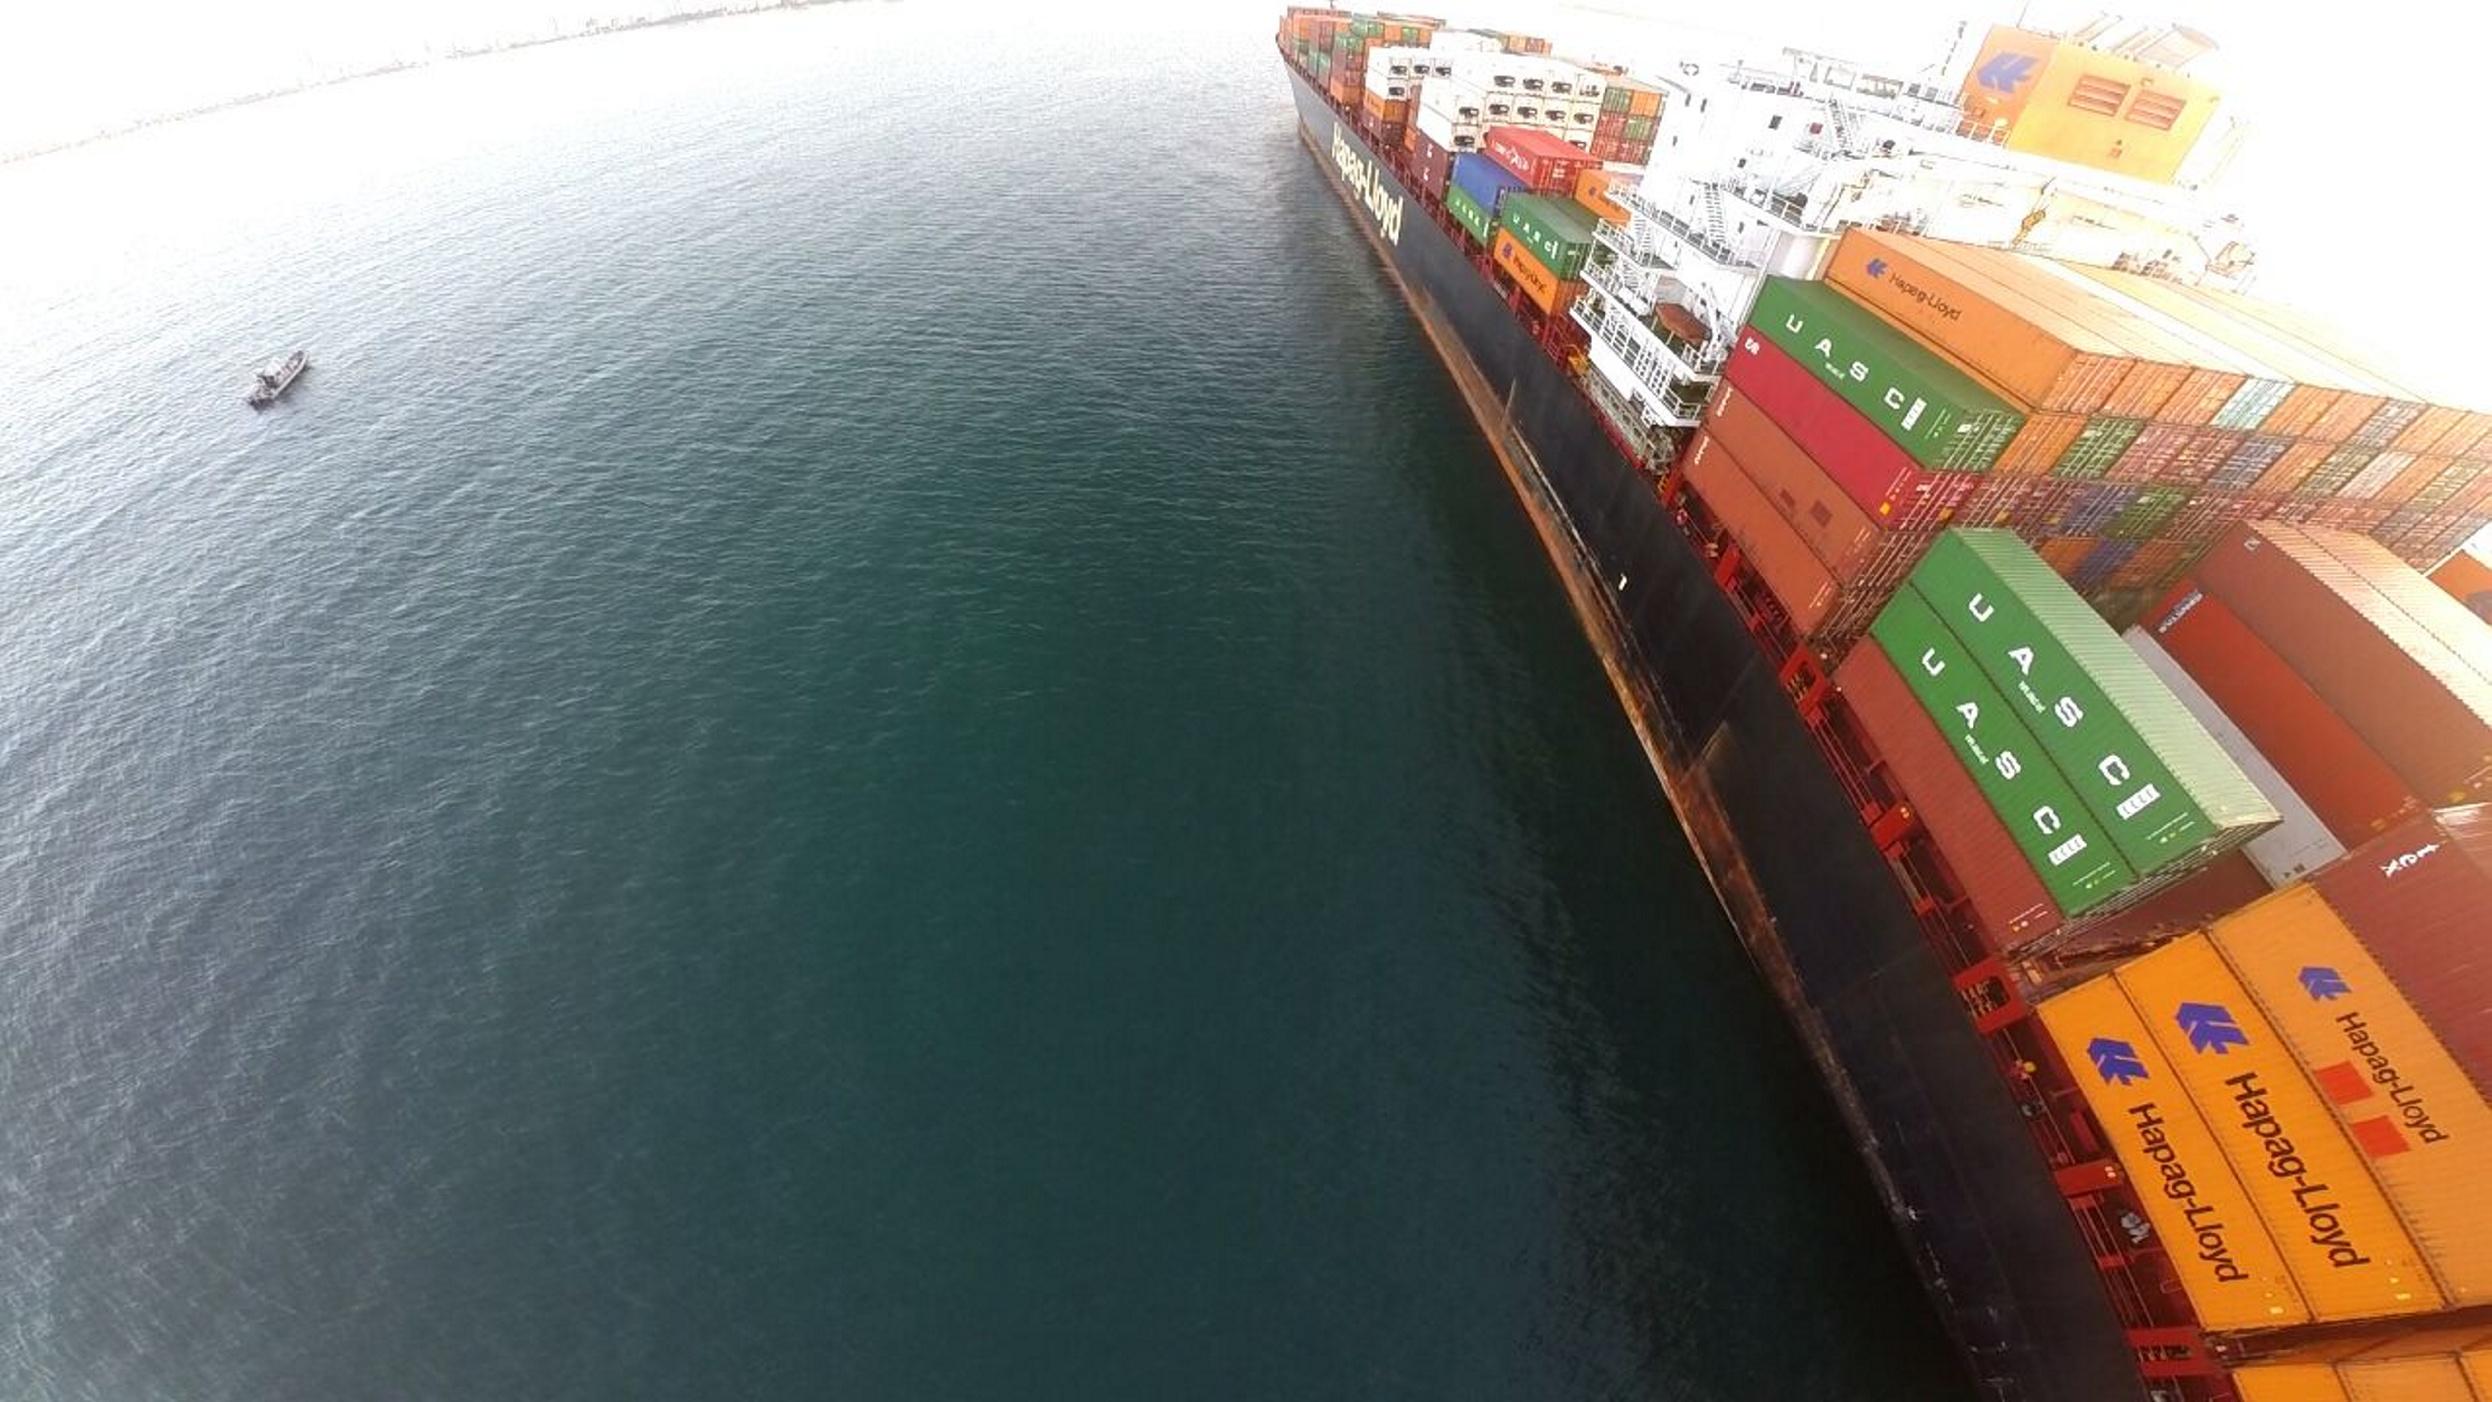 Berichte: Attacke auf Hapag-Lloyd-Frachter in der Straße von Hormus